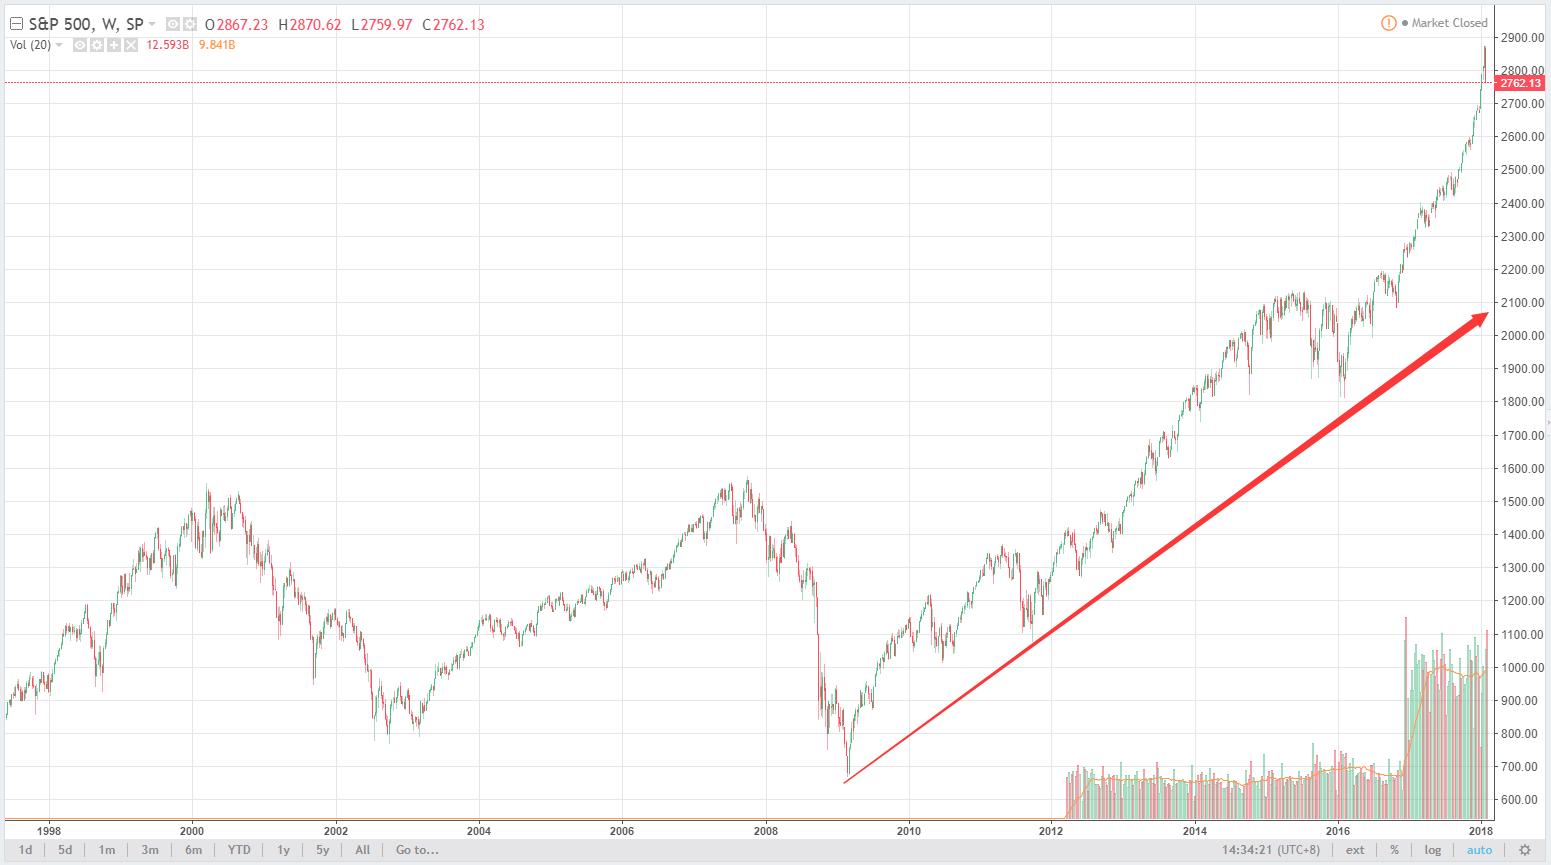 债市收益率上升是如何打击股市的?